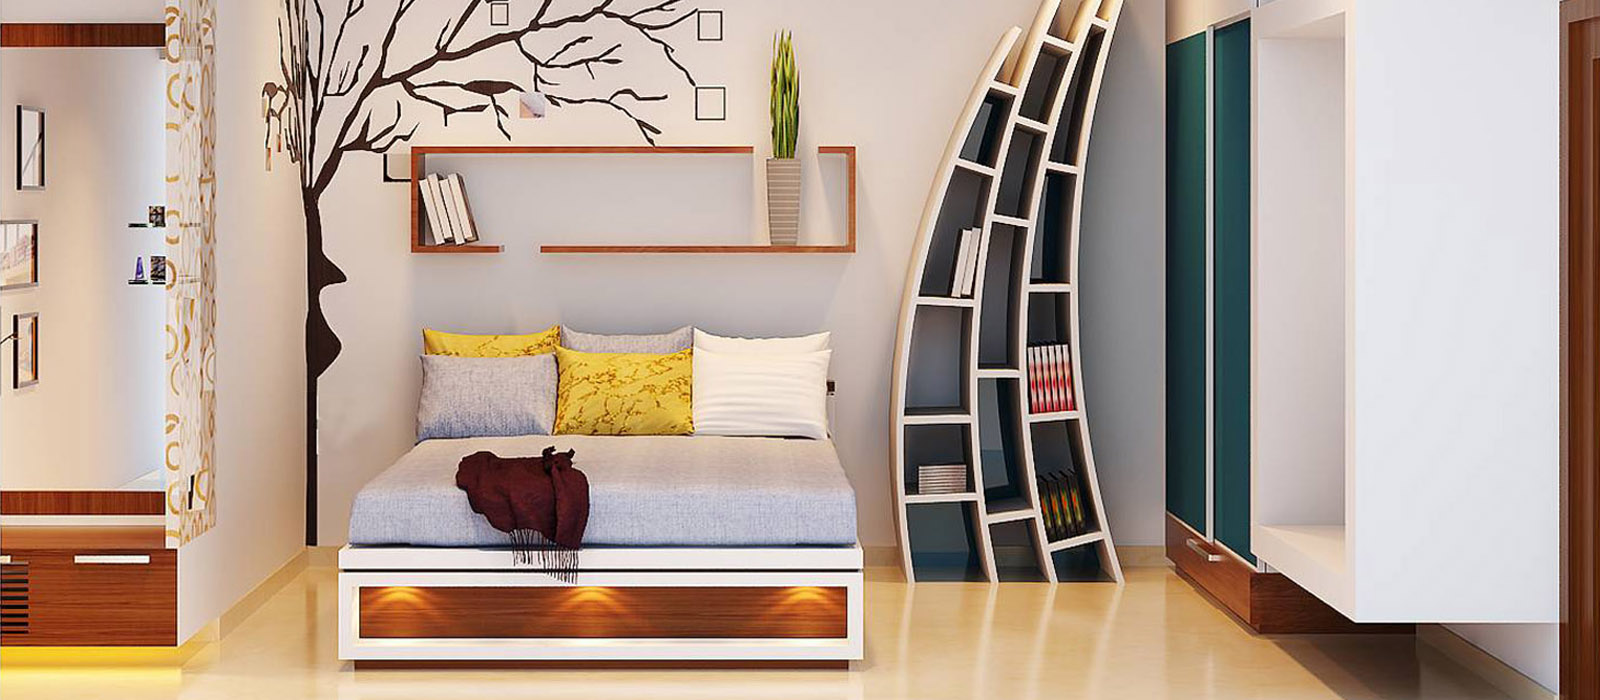 طراحی و فضاسازی مسکونی